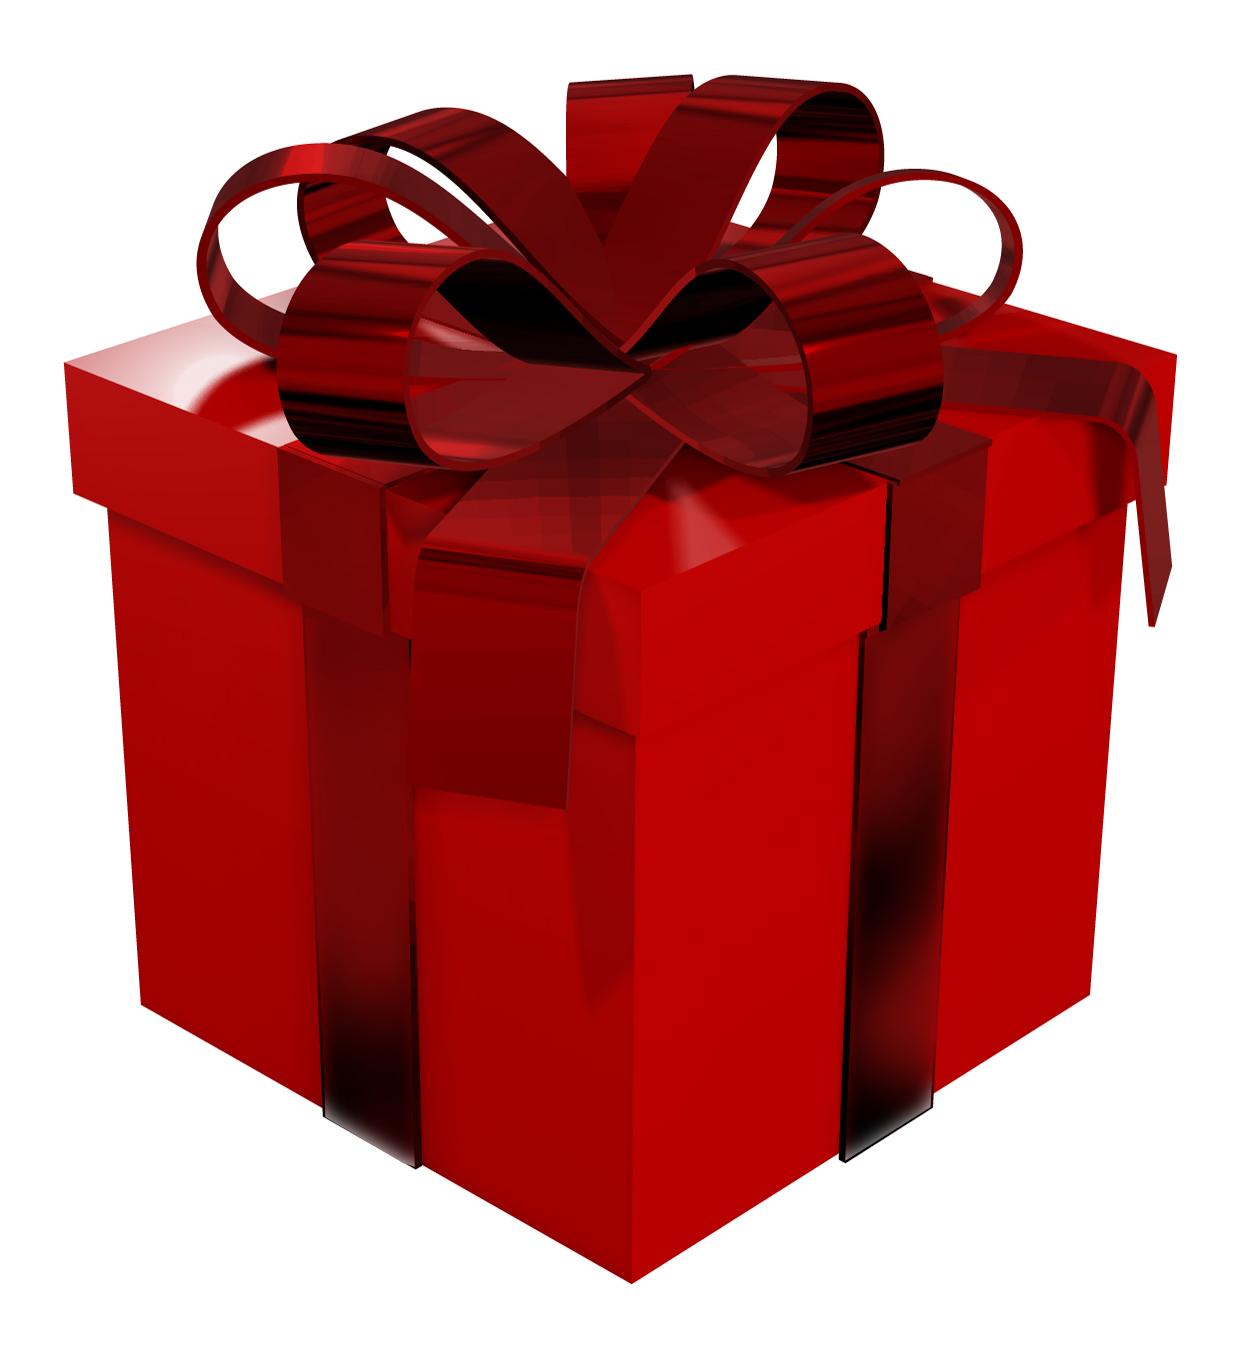 Participa en nuestro concurso tuitero de verano y llévate uno de nuestros regalos: 3 Servicios Manitas, gracias a los cuales uno de nuestros profesionales se desplazará a tu casa para llevar a cabo en 3 horas las tareas de bricolaje que necesites y no tengas tiempo, herramientas o pericia para llevar a cabo. Montar muebles, colgar cuadros, tapar grietas… nuestros profesionales son los mejores reparadores y te solucionarán cualquier papeleta sin ningún coste ni esfuerzo para ti… ¿verdad que es un gran premio?